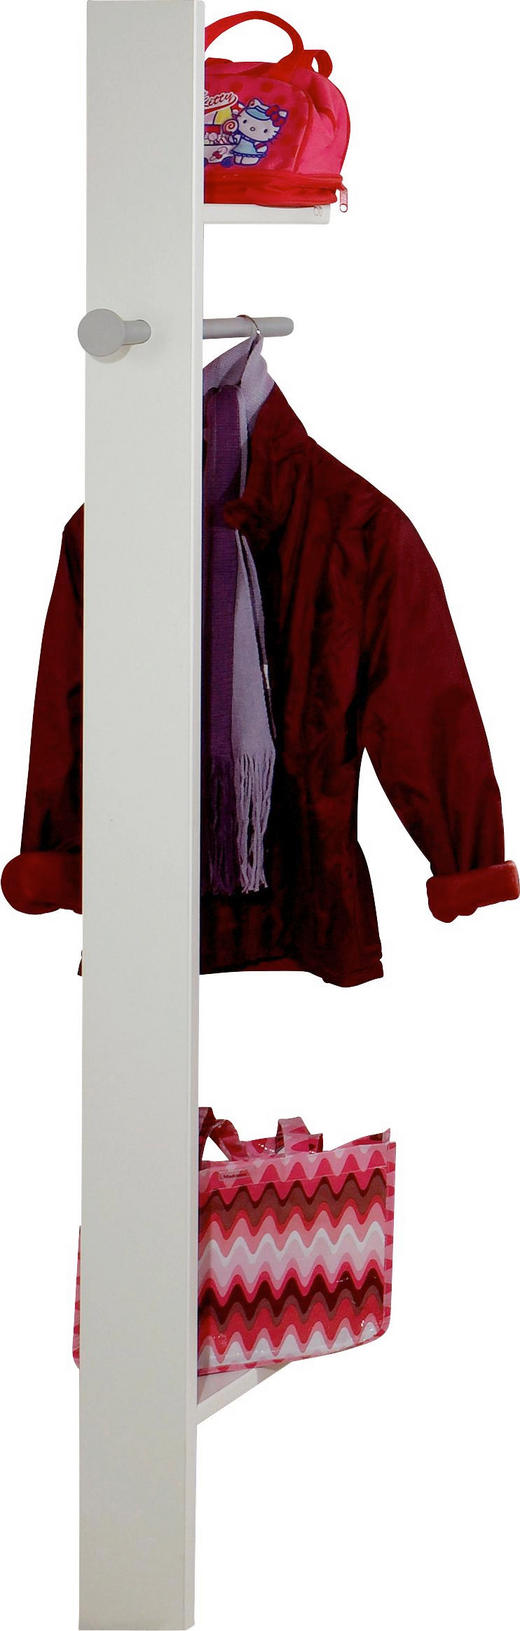 GARDEROBE Grau, Weiß - Weiß/Grau, Design (32/179/12cm) - Carryhome